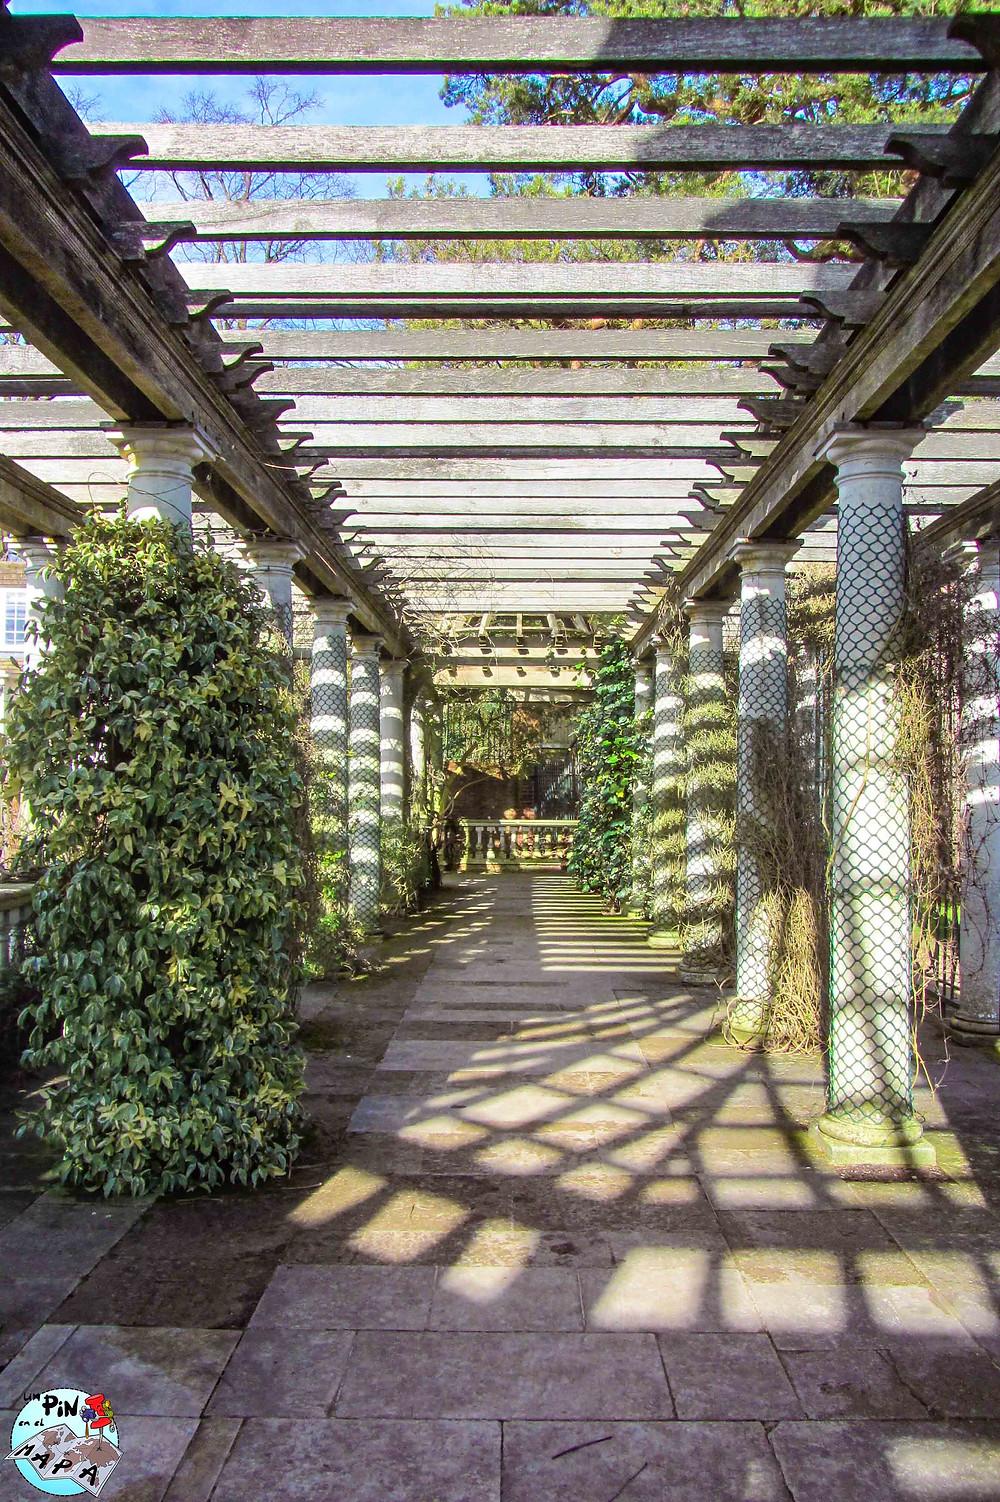 The Hill Garden and Pergola, Hampstead | Un Pin en el Mapa